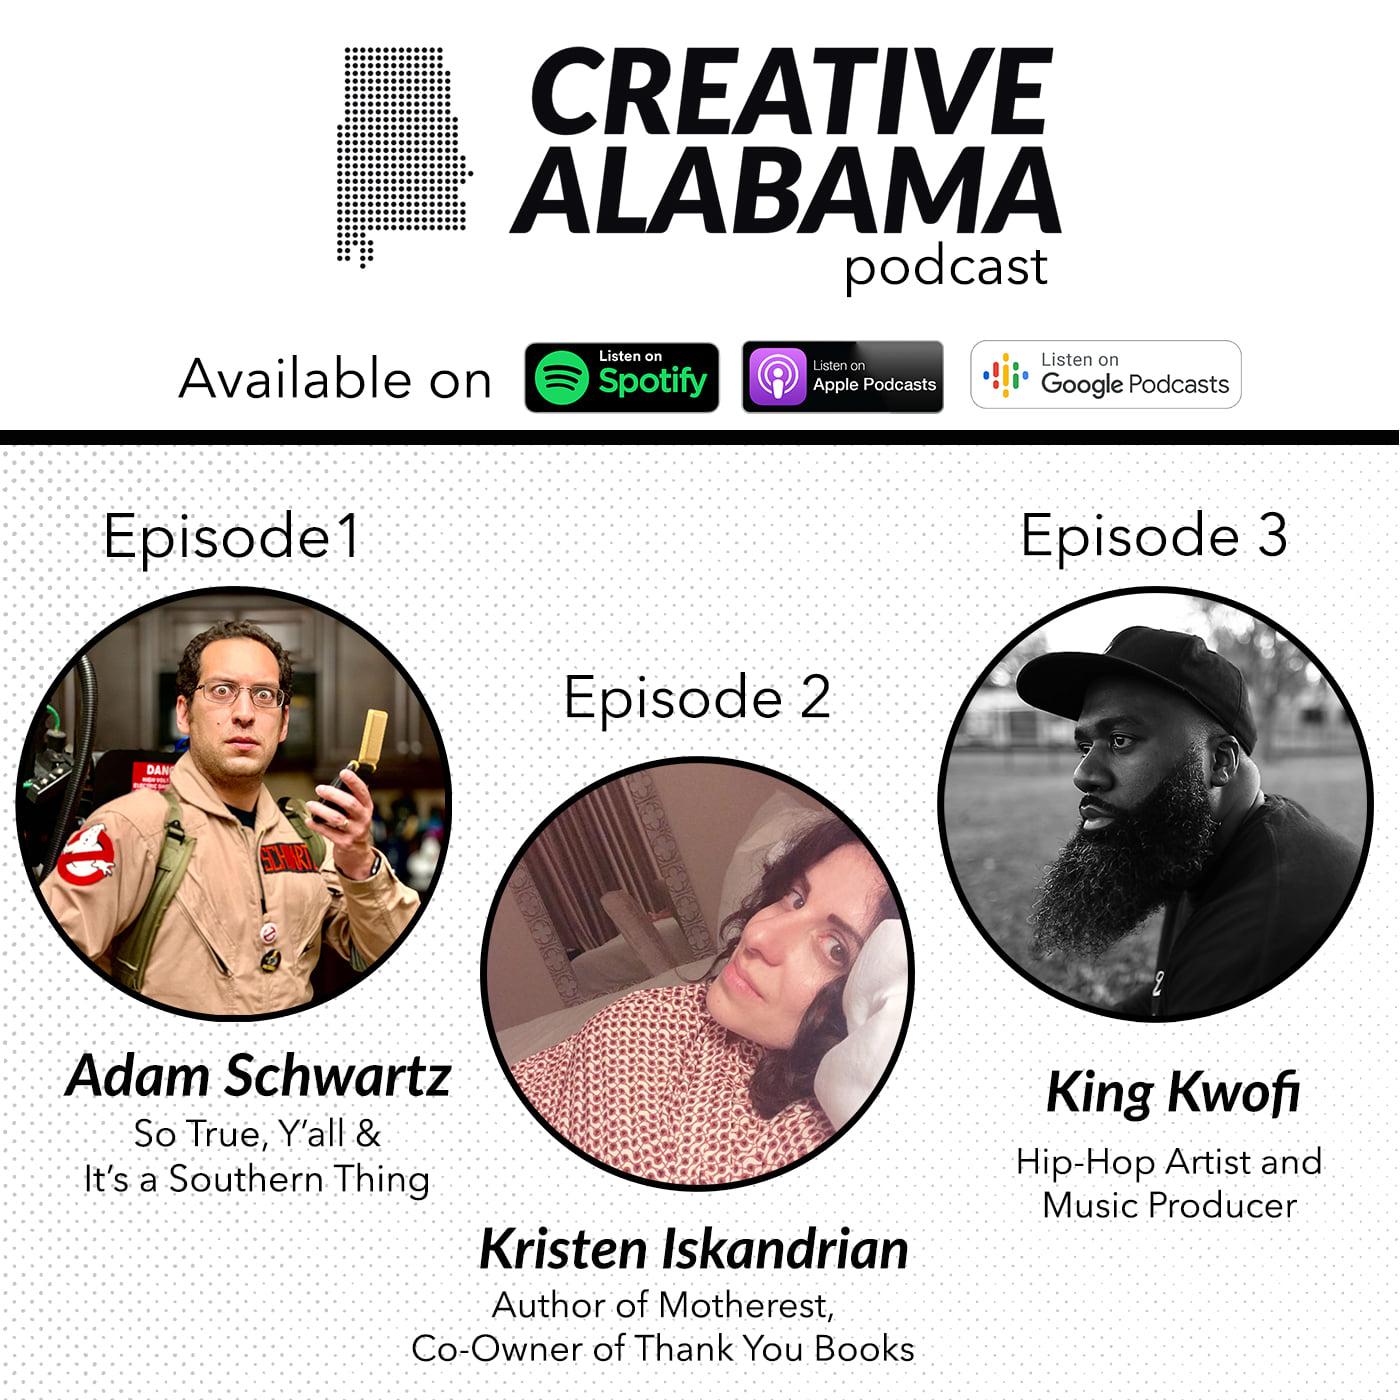 Creative Alabama Podcasts Episodes 1 Through 3 Logo